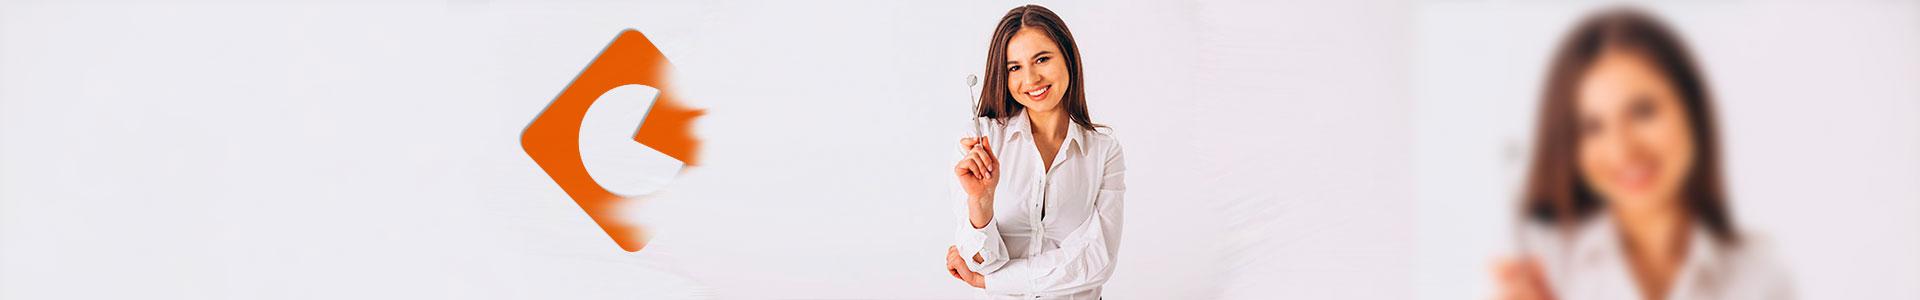 Lente de Contato para os Dentes | Como isso vai transformar seu sorriso?